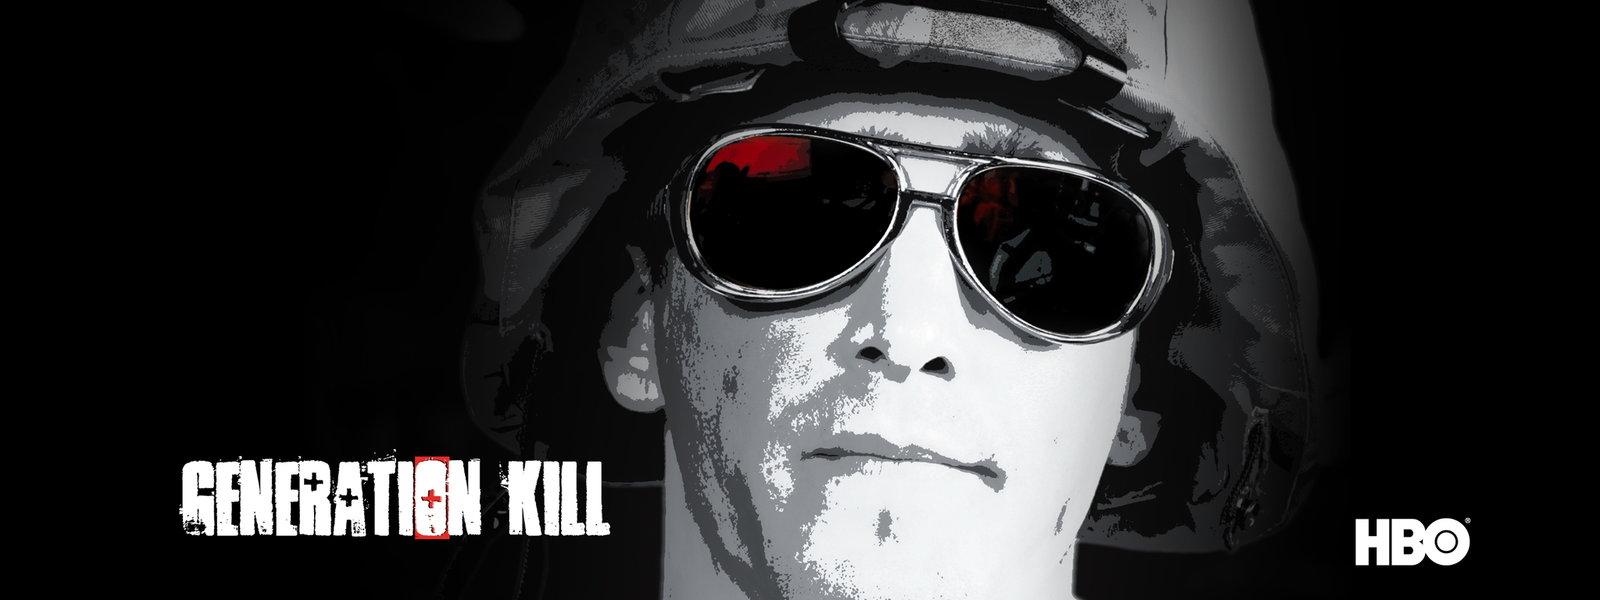 ジェネレーション・キル 兵士たちのイラク戦争 動画